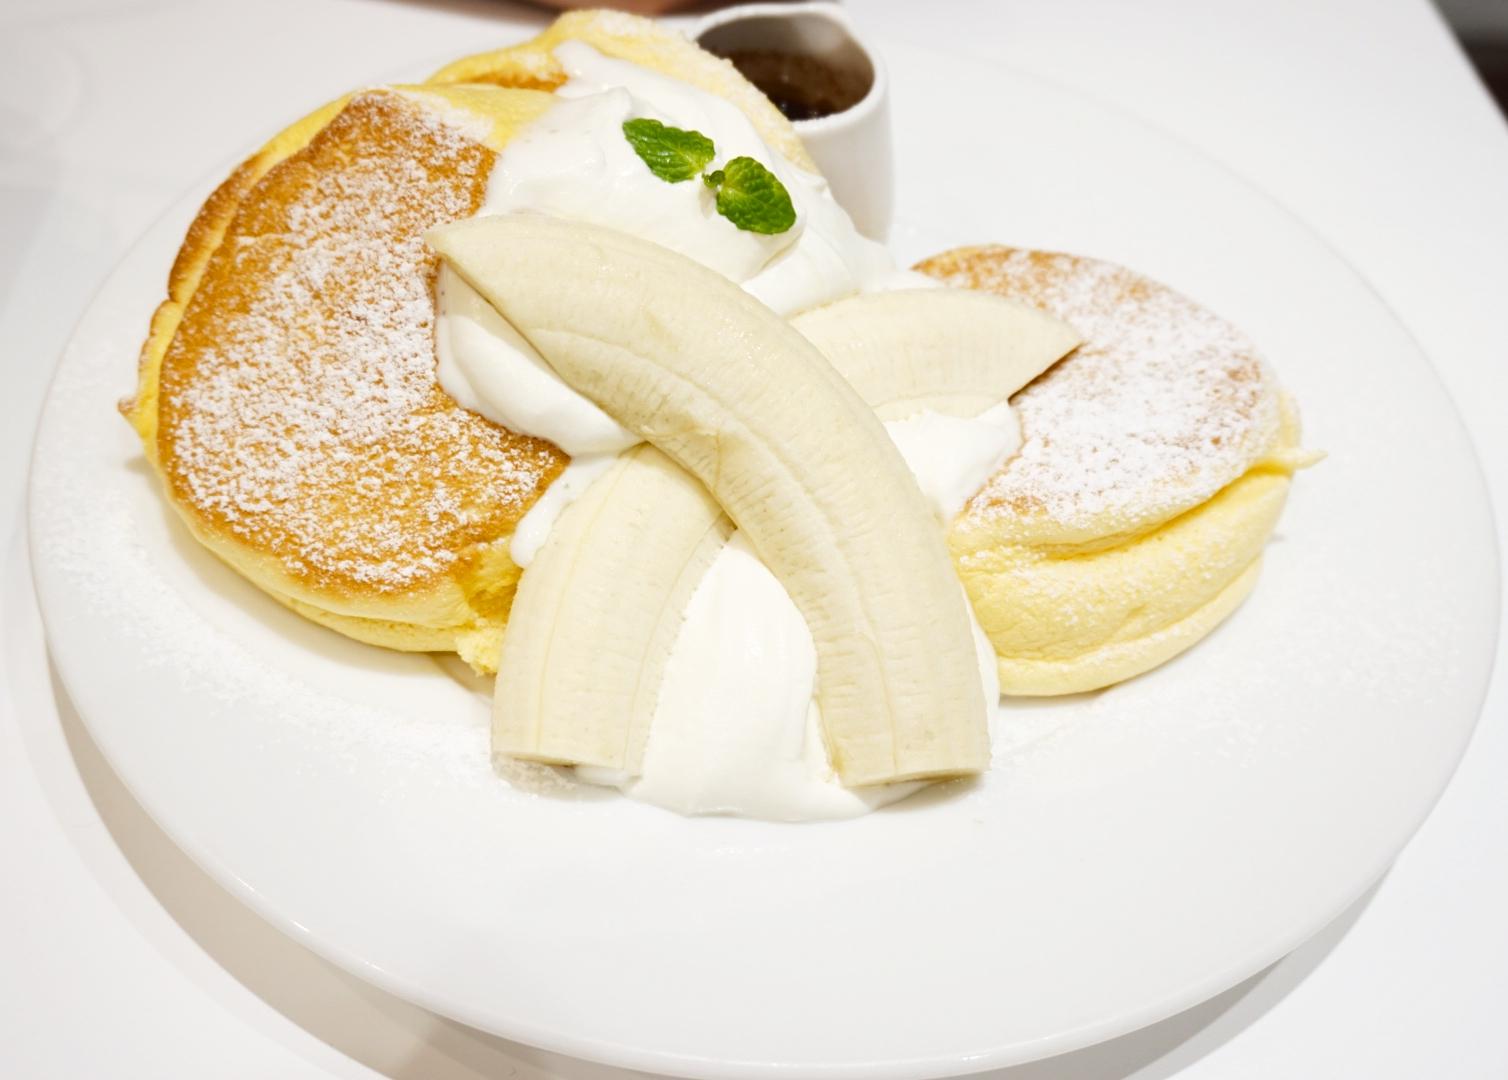 バナナカフェ(ba7cafe)は岐阜の人気カフェ!おすすめメニューは?